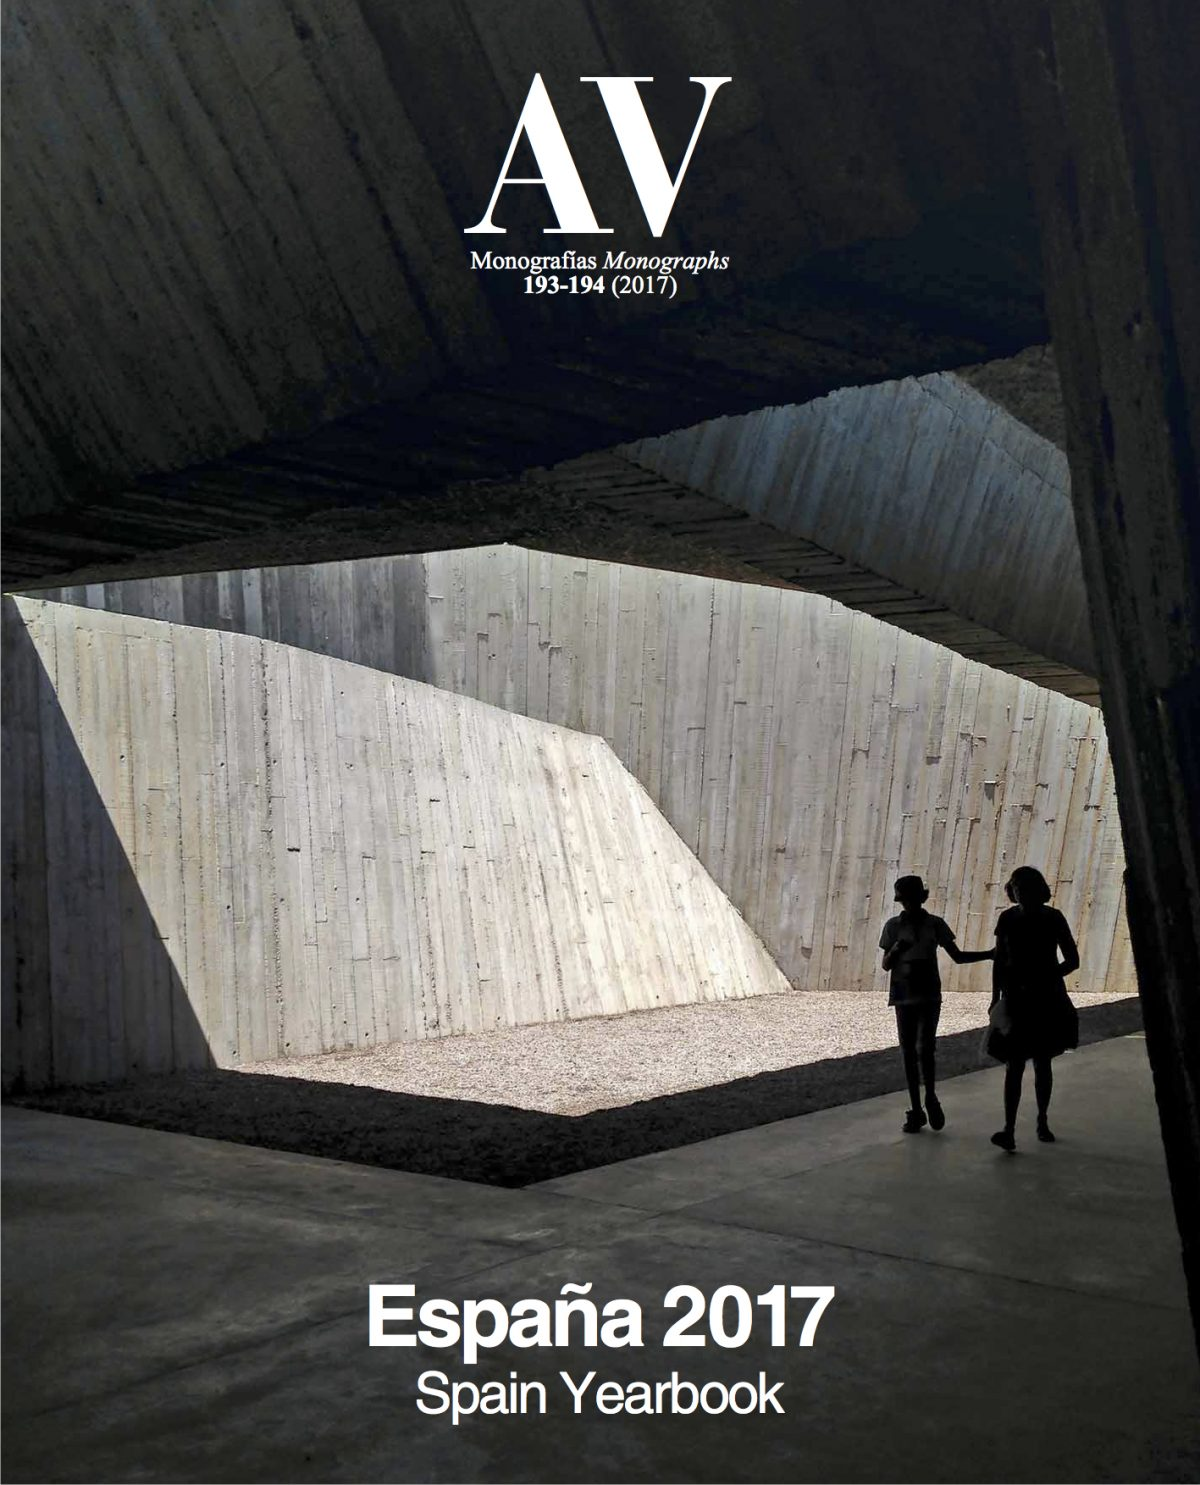 AV monografías anuario España 2017